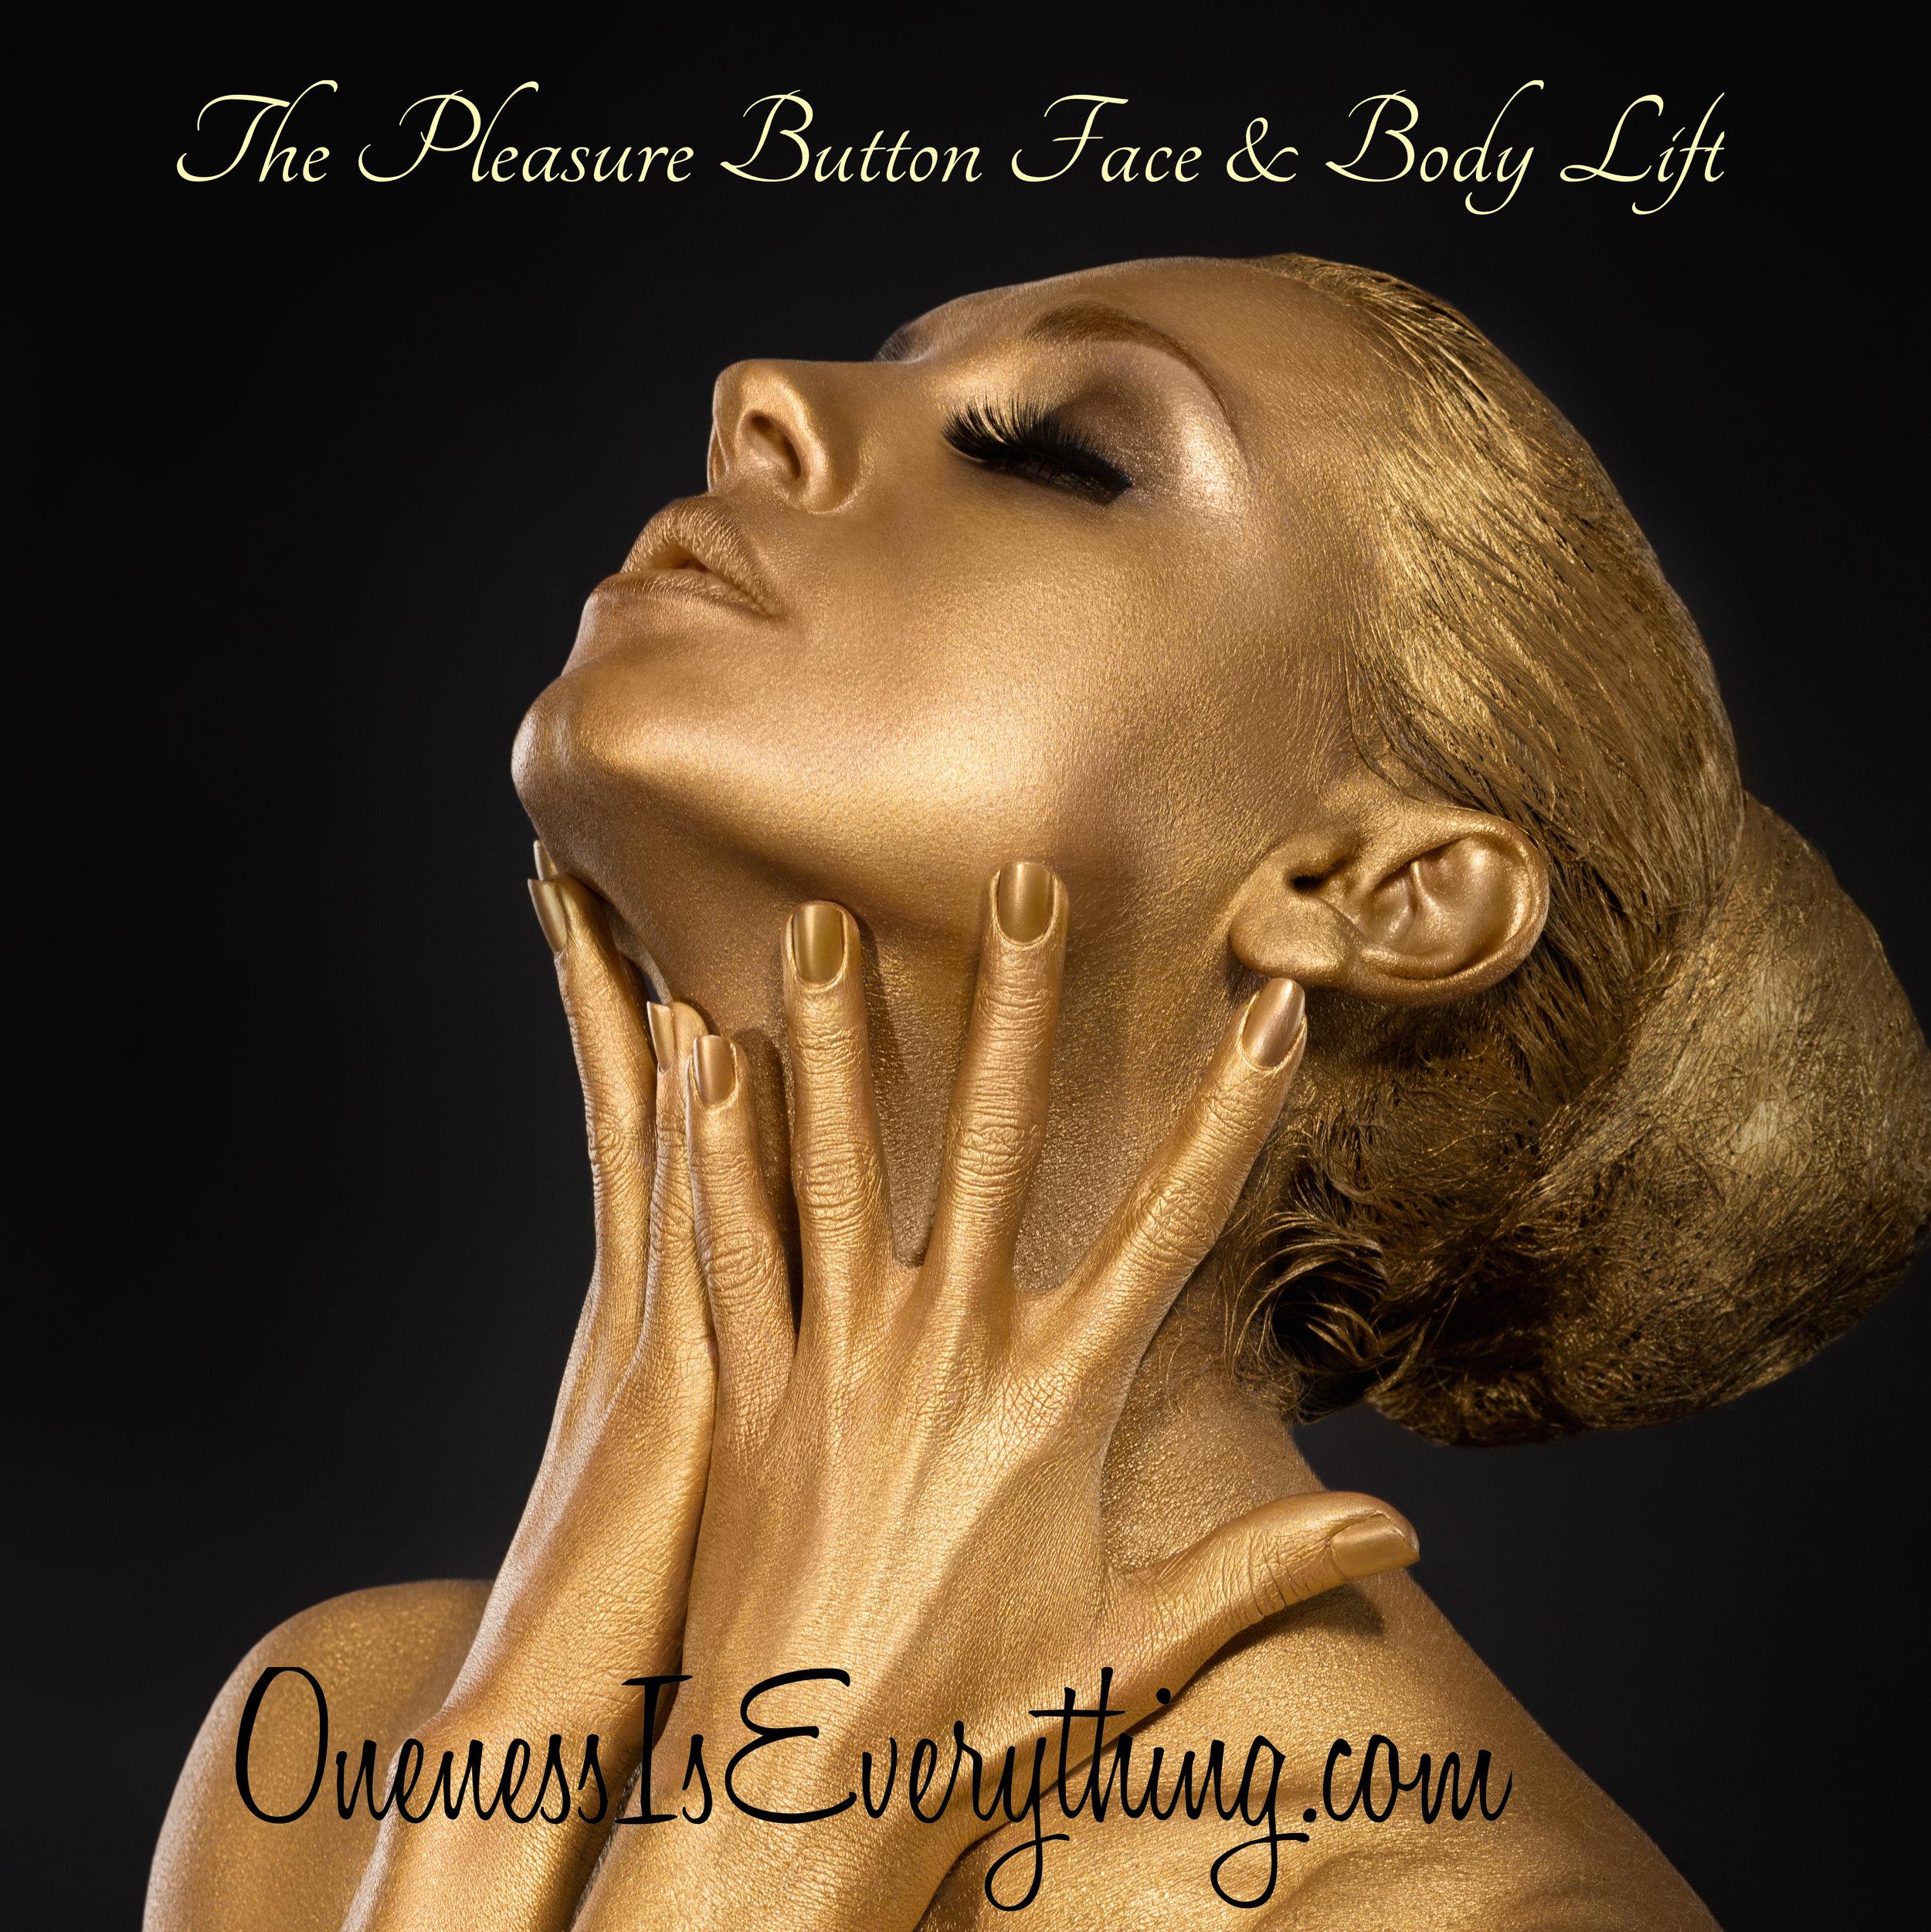 Pleasure Button Face & Body Lift 2016